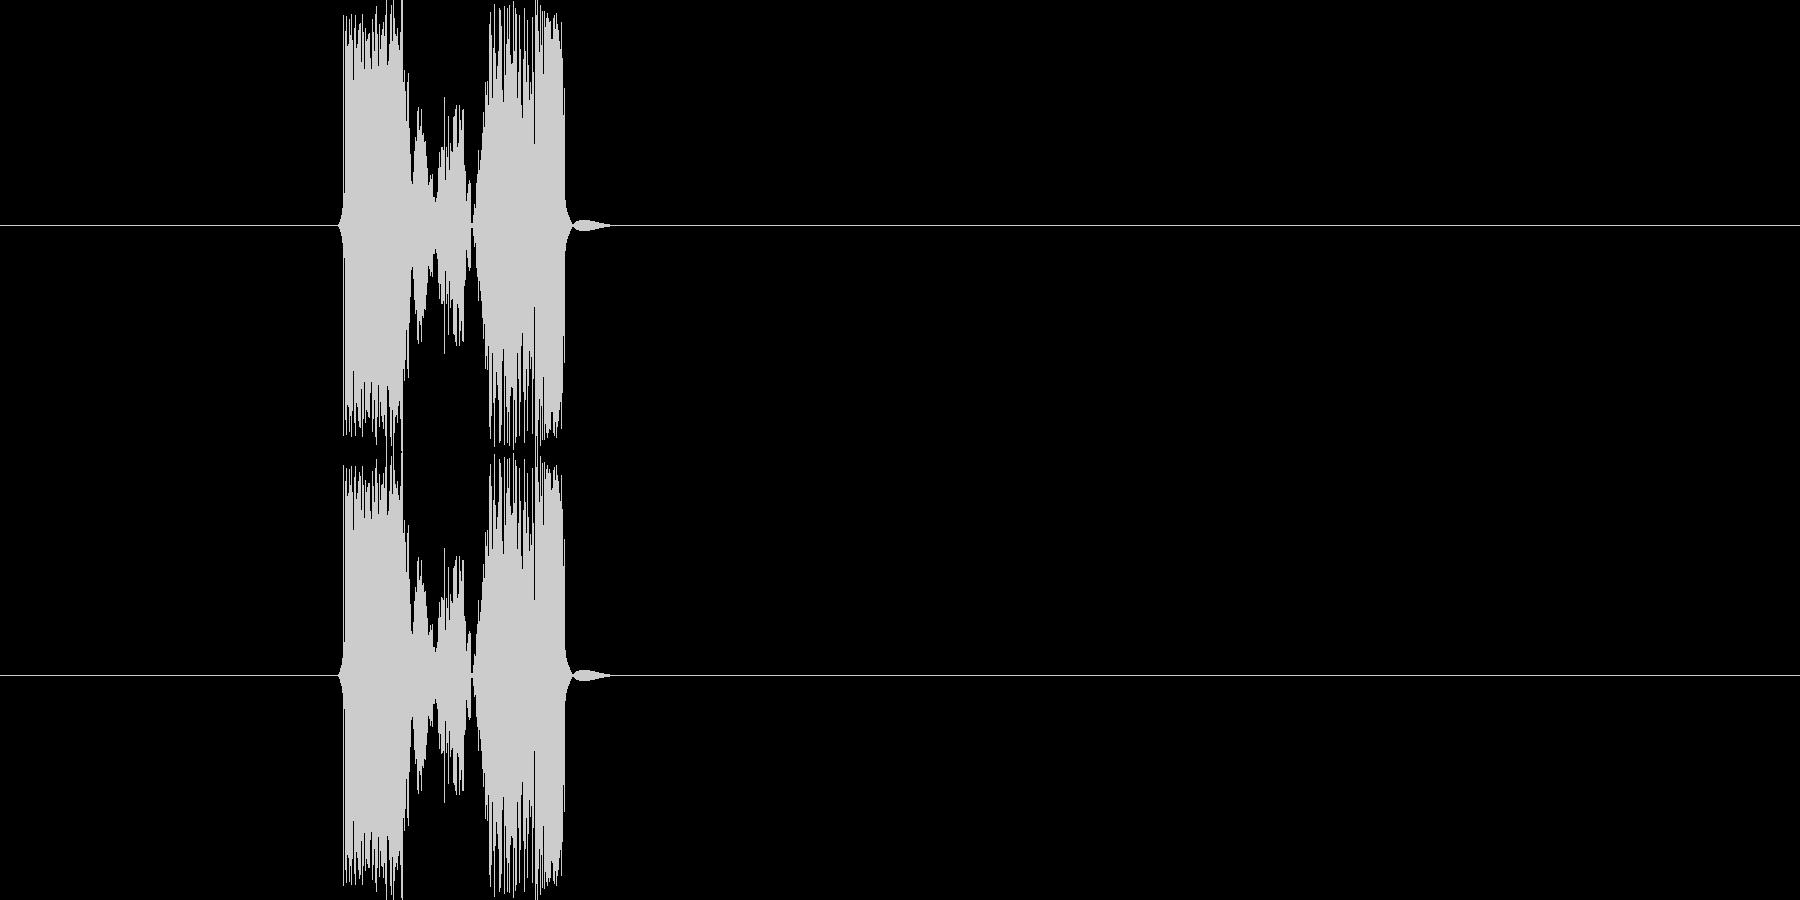 グサッ、ブスッ(剣を刺す音などの効果音)の未再生の波形